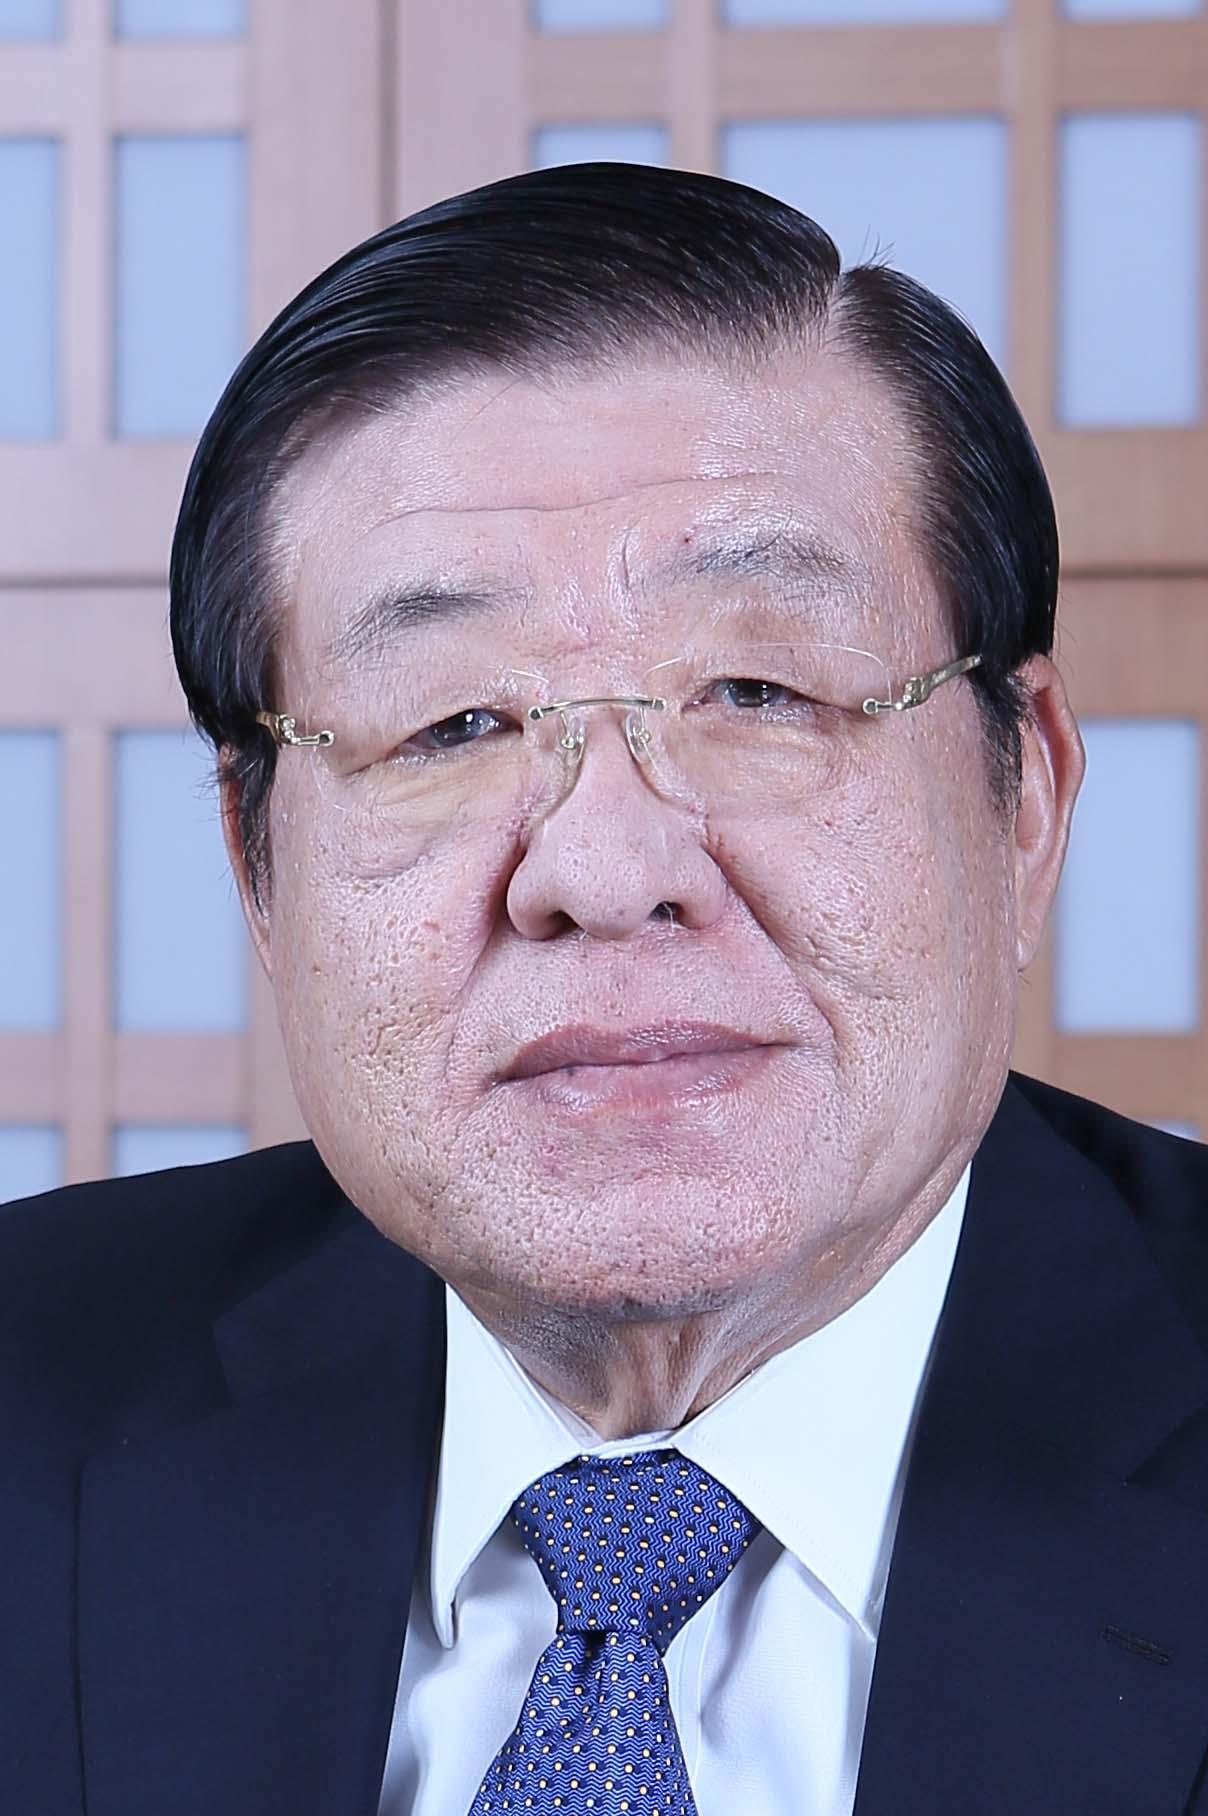 승은호 / 아시아한인회 총연합회장. 코린도그룹 회장